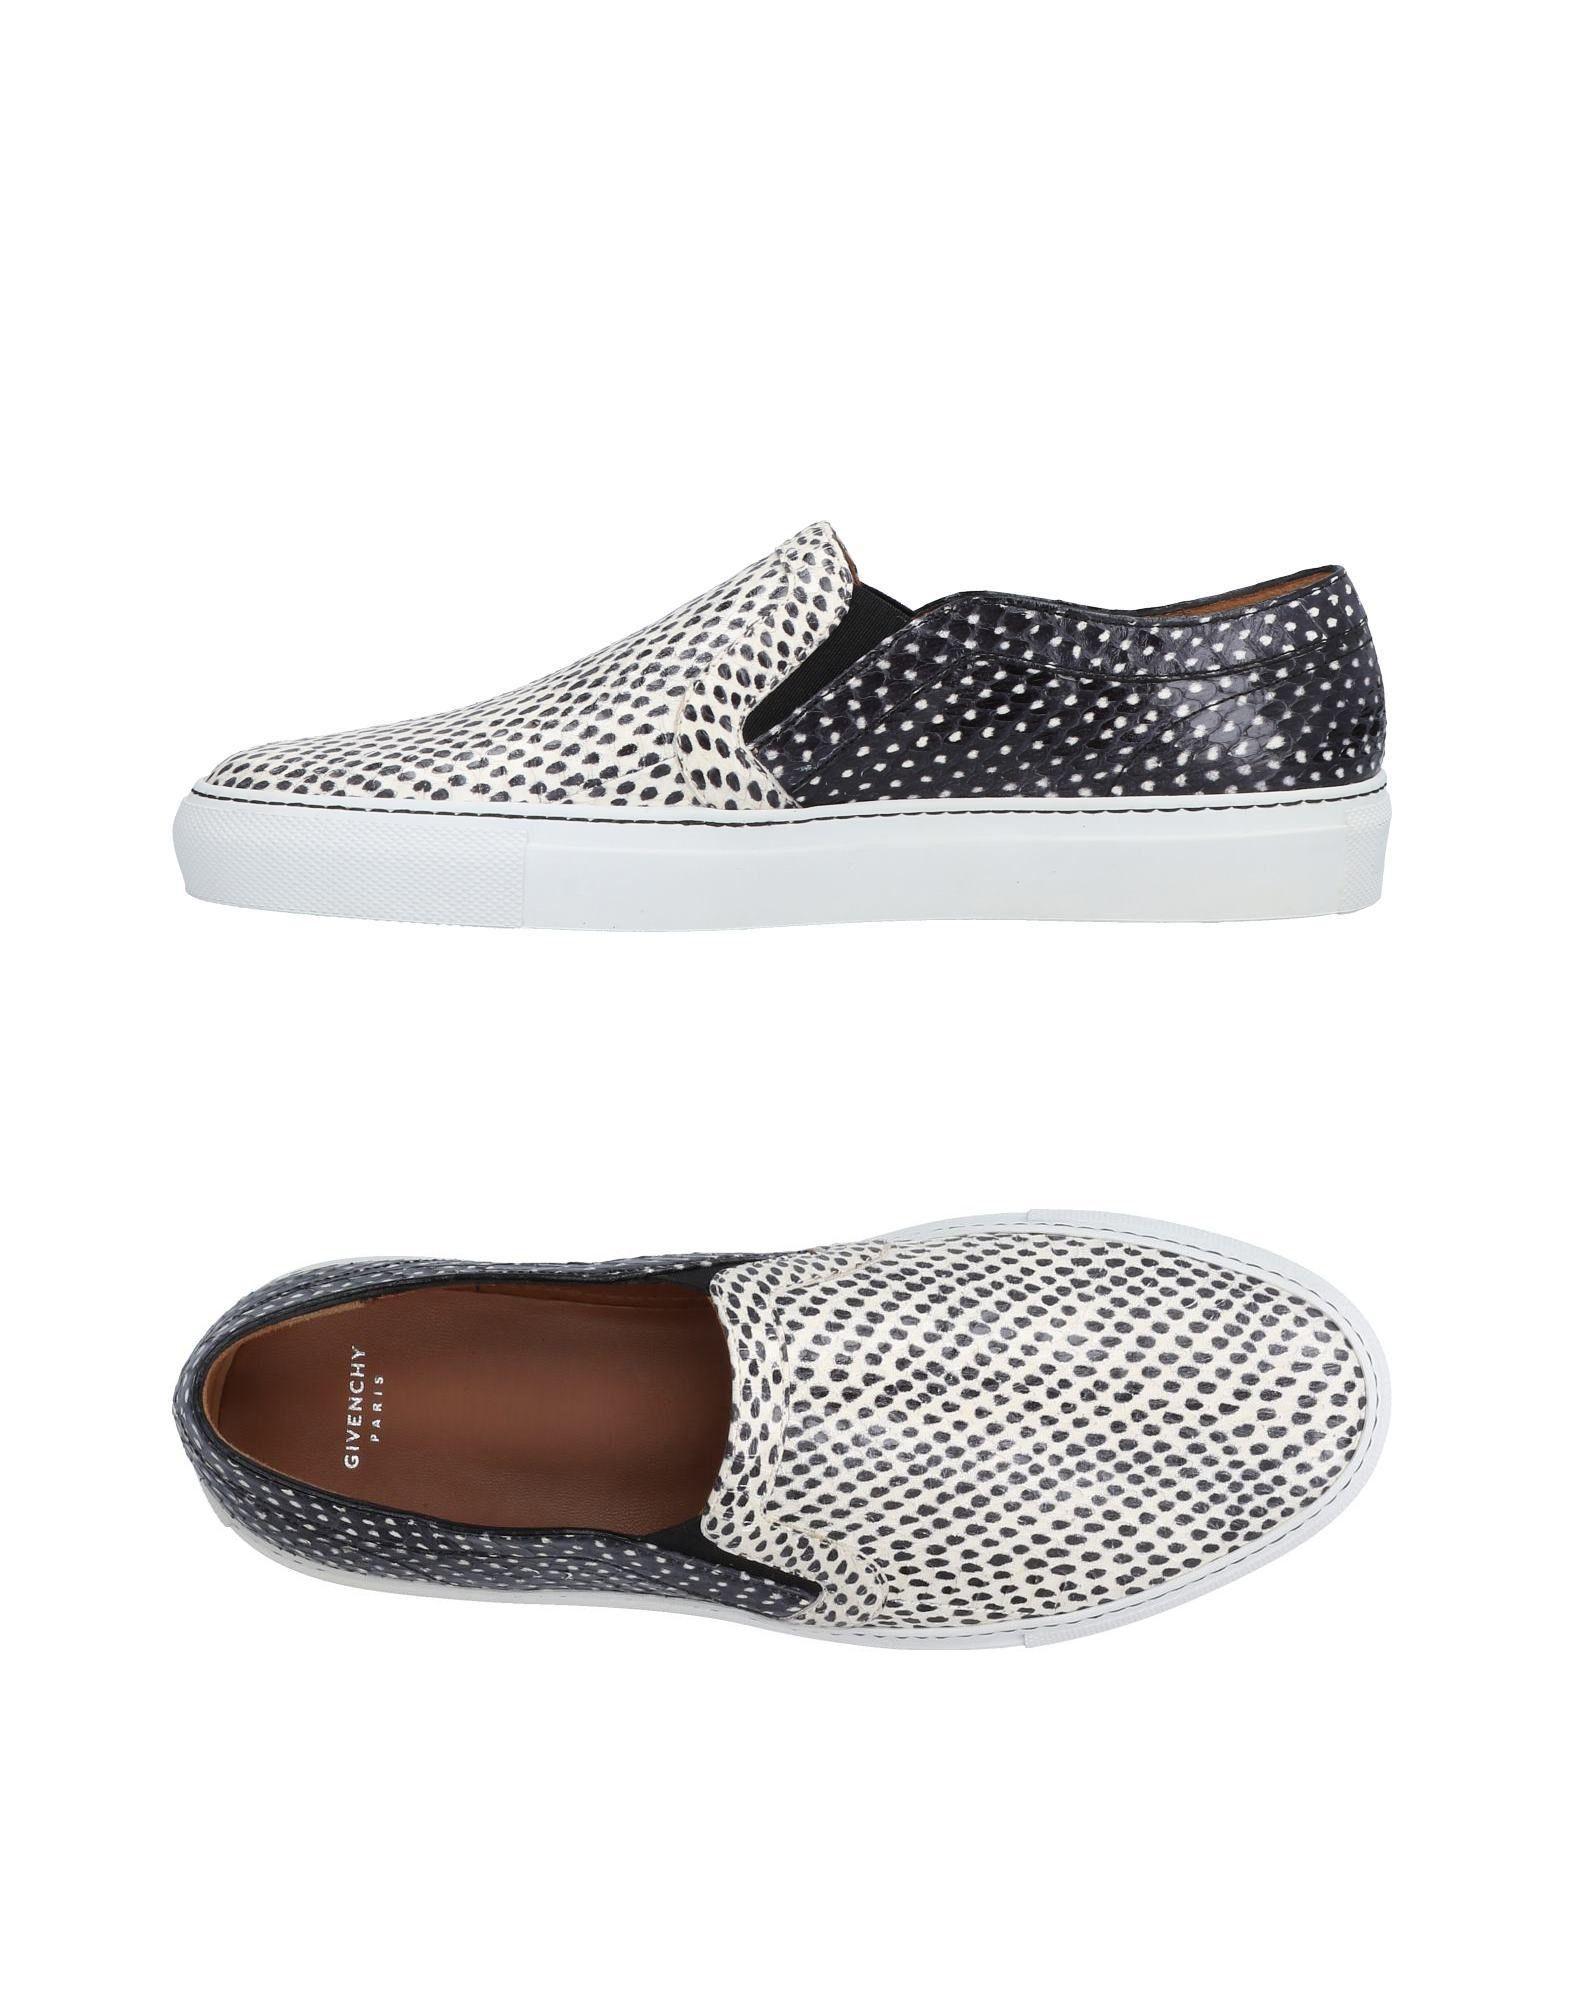 Damen Givenchy Sneakers Damen   11503991OA Heiße Schuhe e07e32